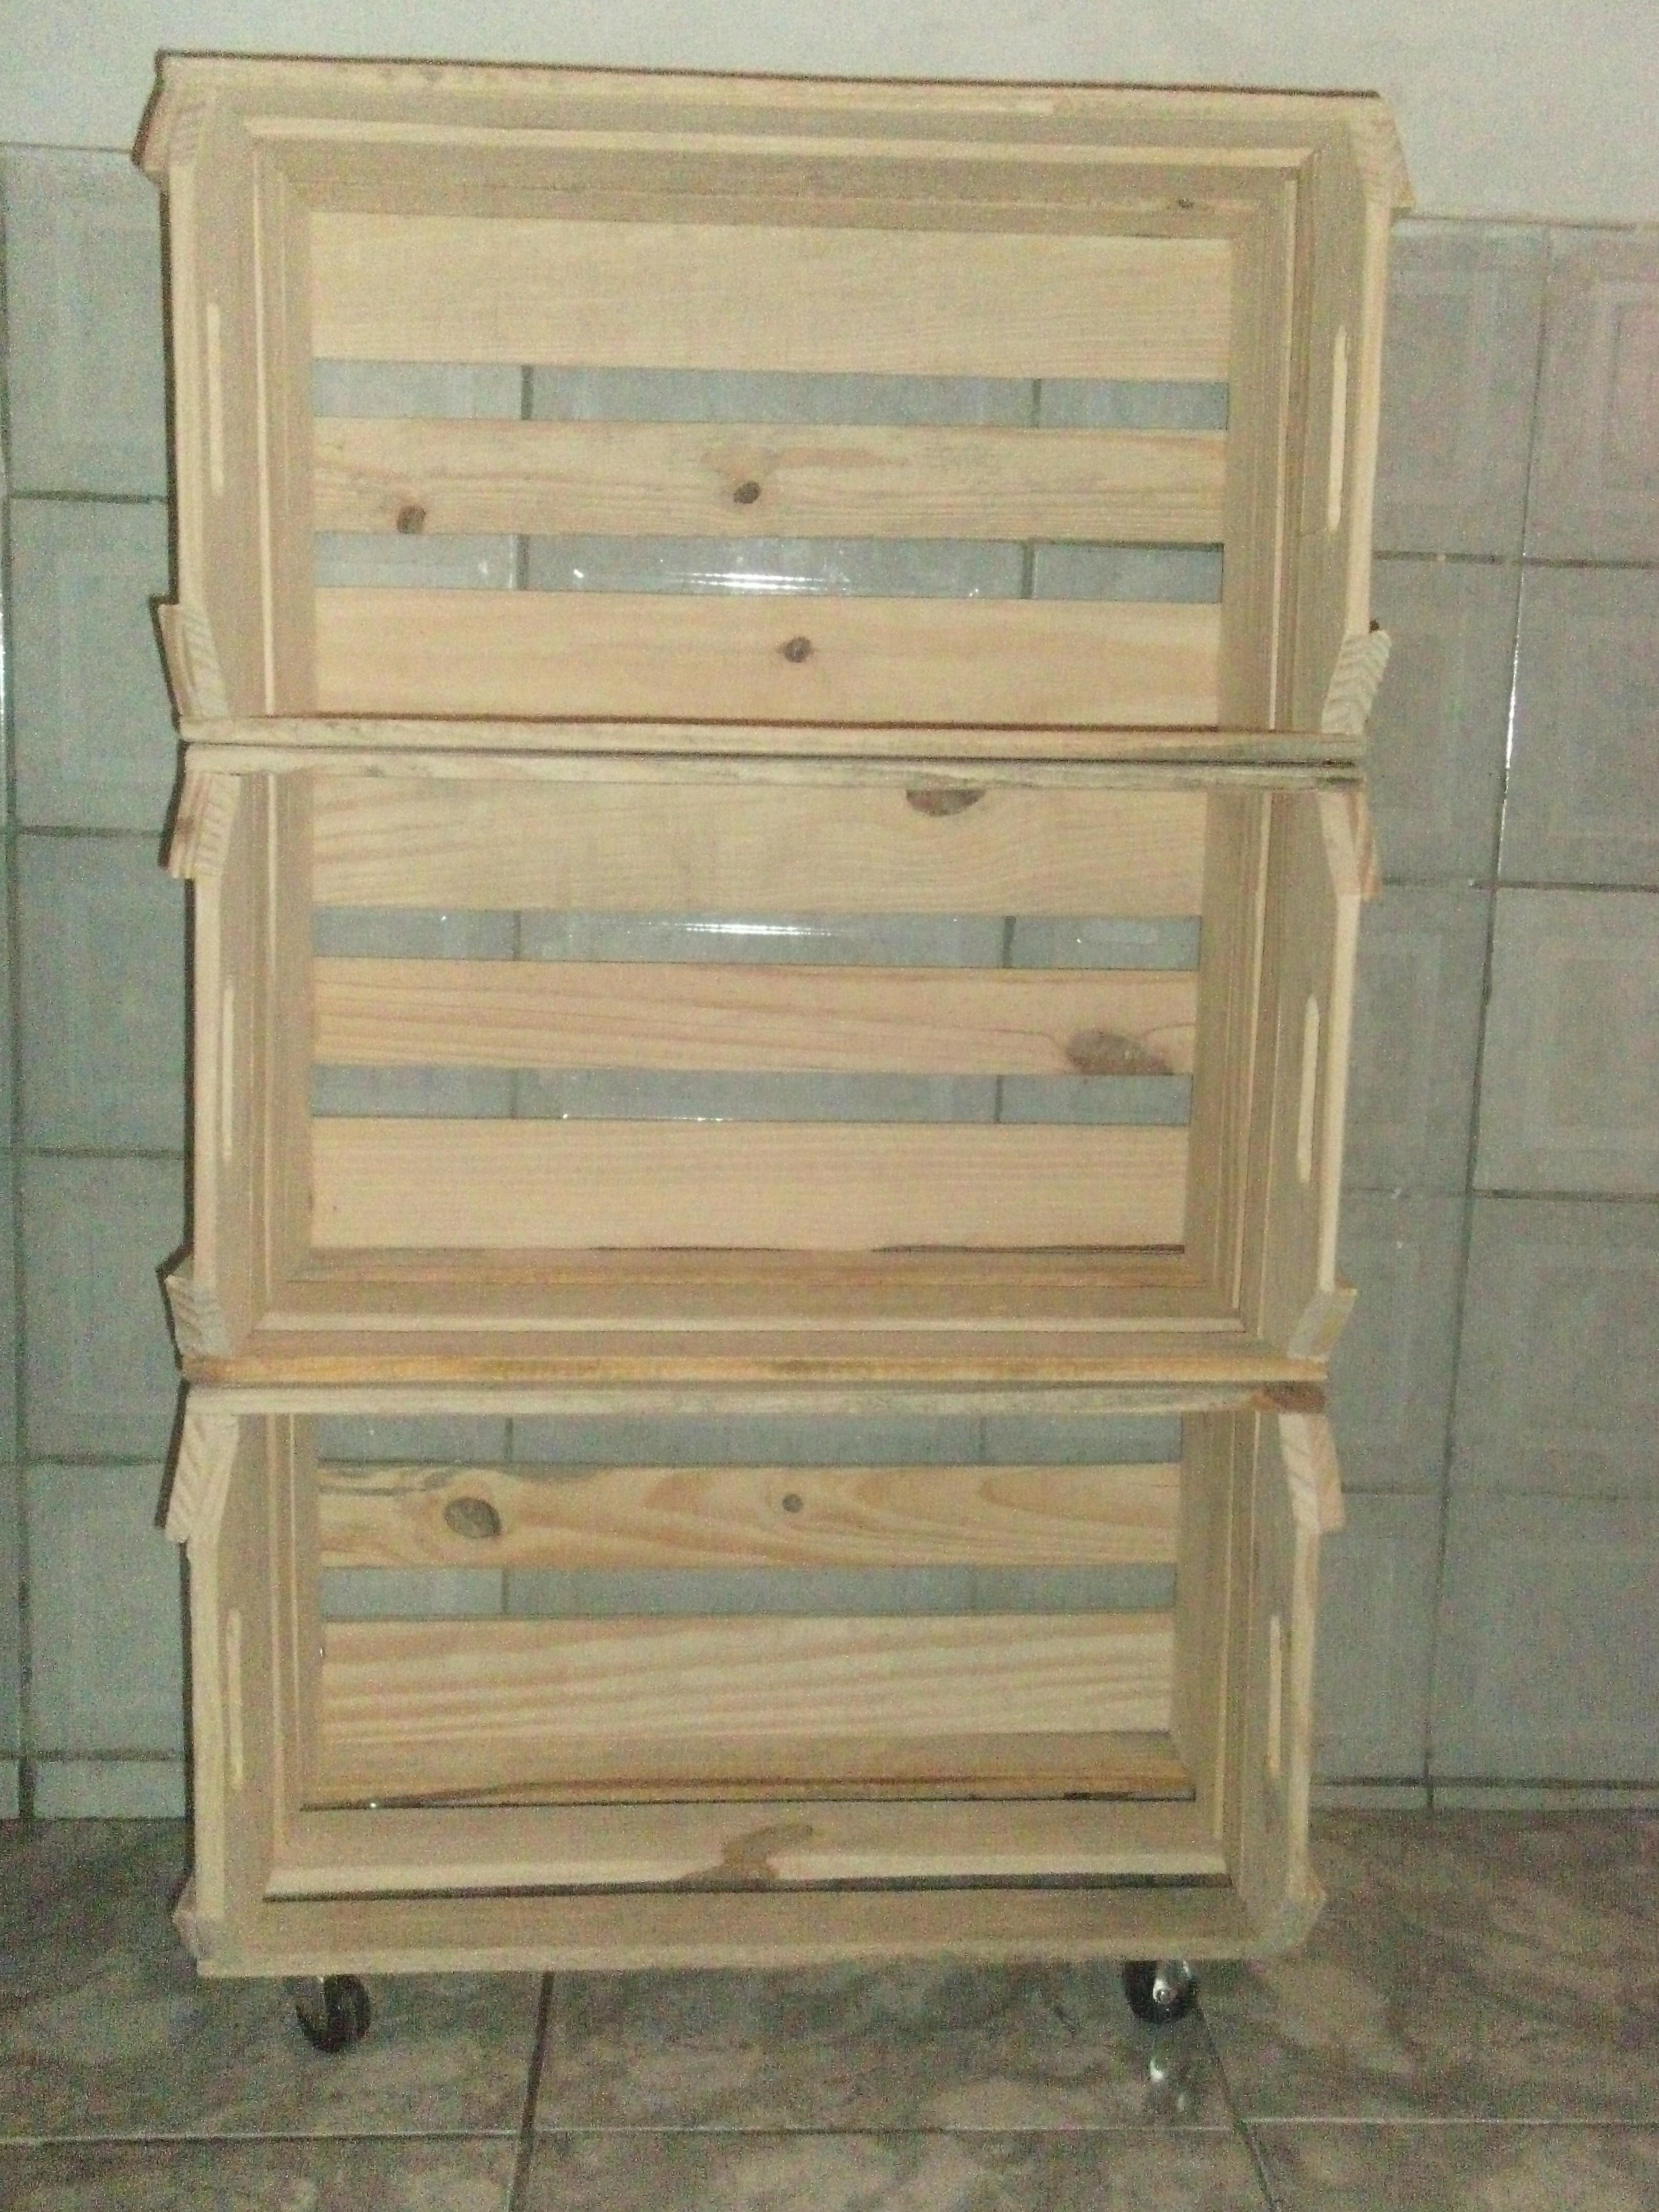 caixote de feira estante com rodizios caixote de feira estante #837248 3240x4320